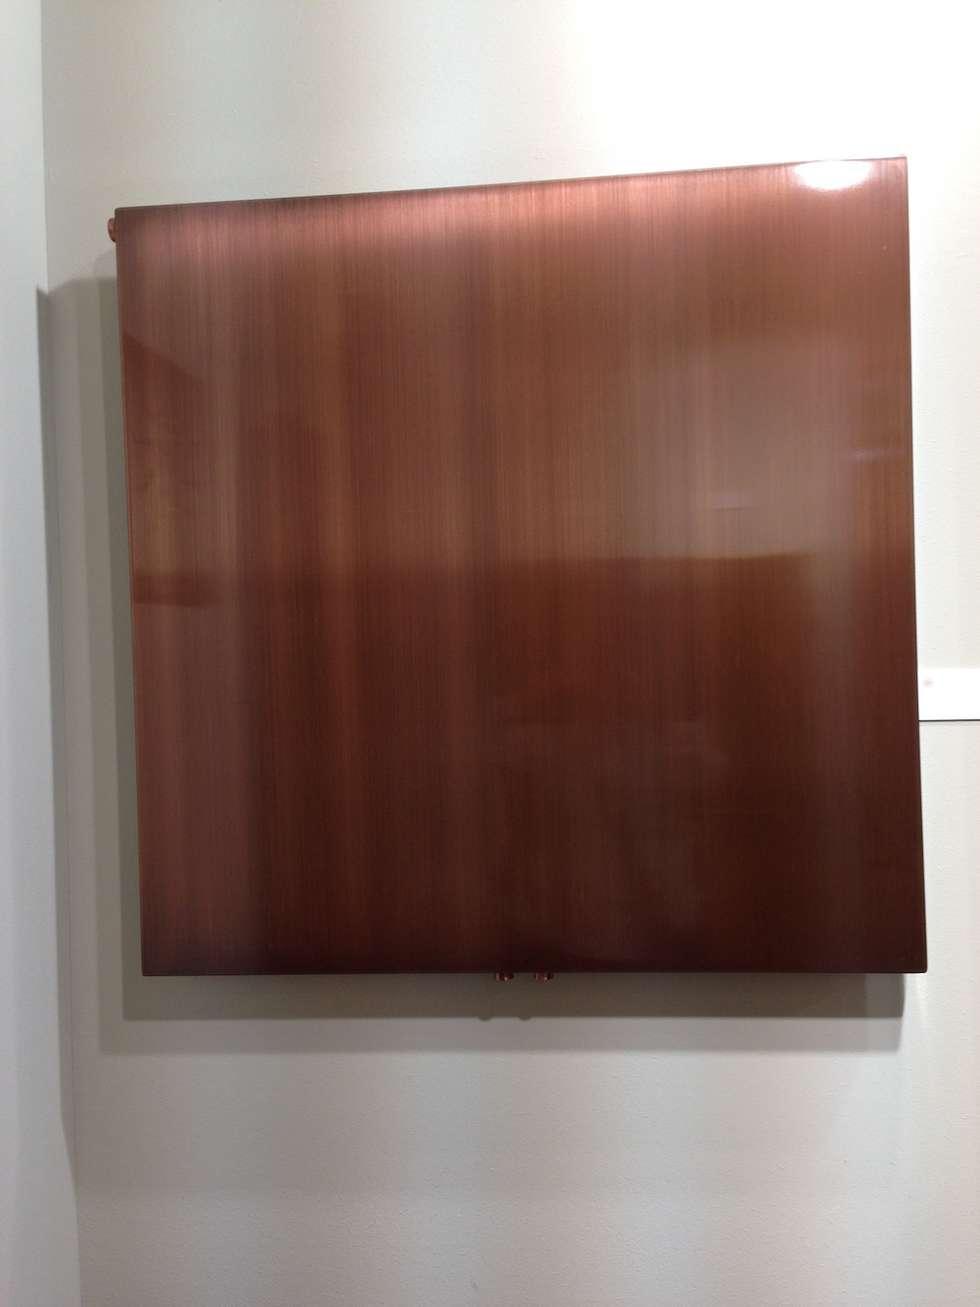 Design heizkörper wall von k8 radiatori in kupfer: moderne ...